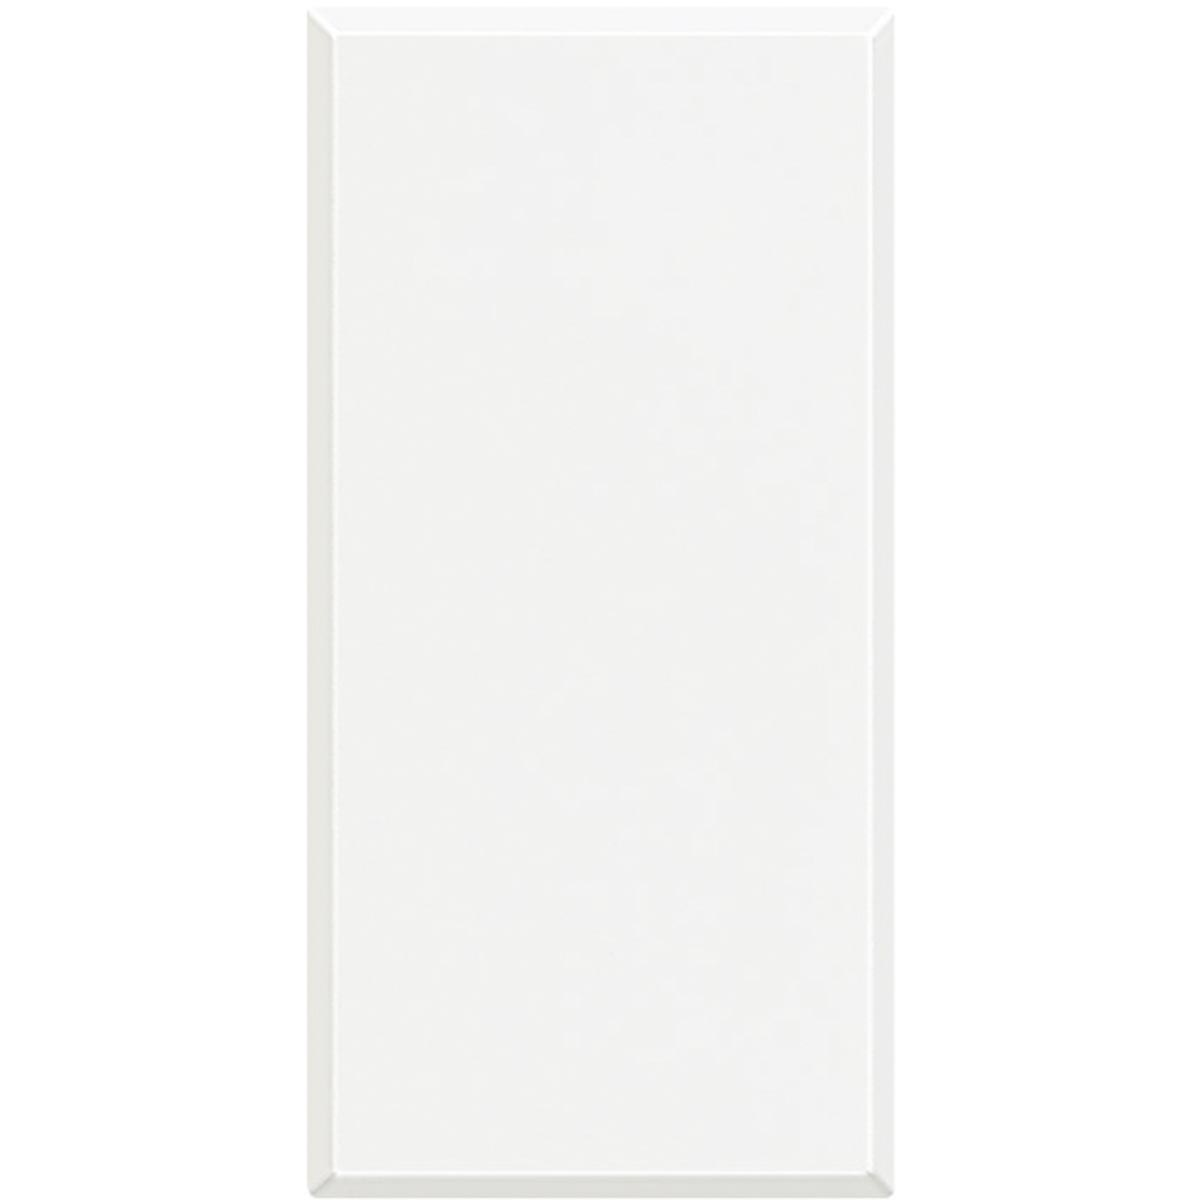 HD4950 falso polo axolute bticino copri foro bianco